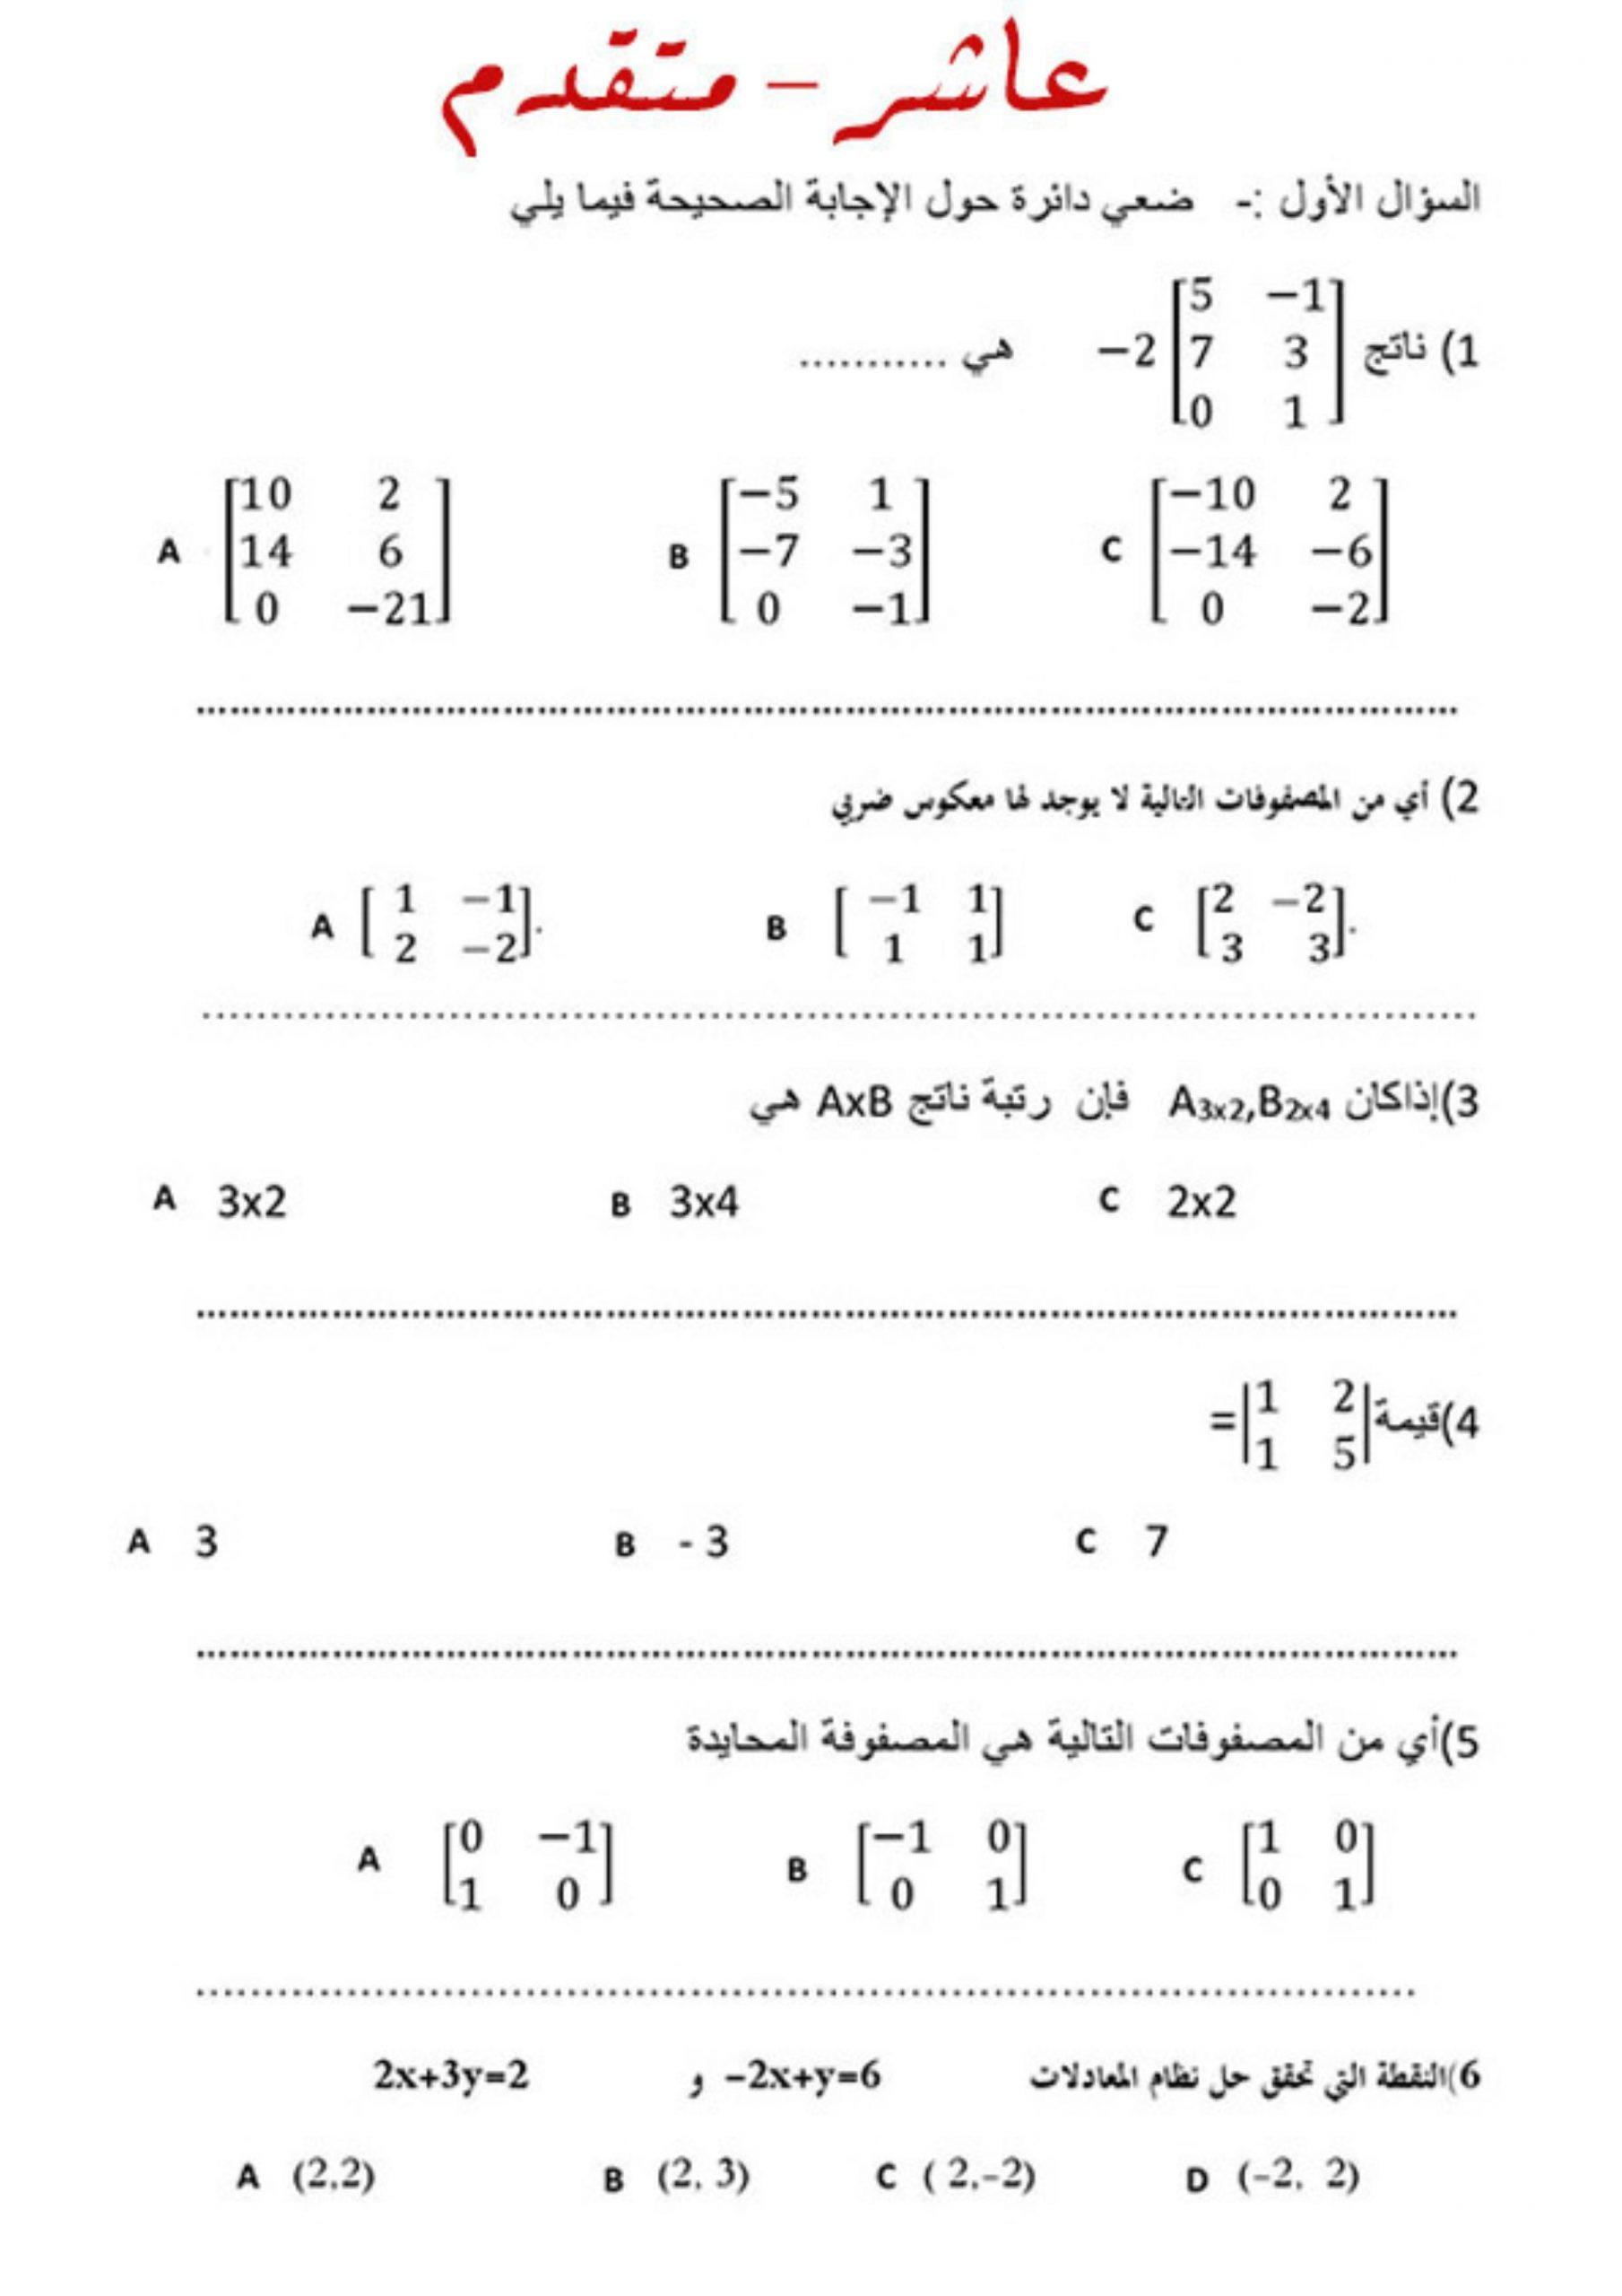 حل اوراق عمل مراجعة الصف العاشر متقدم مادة الرياضيات المتكاملة